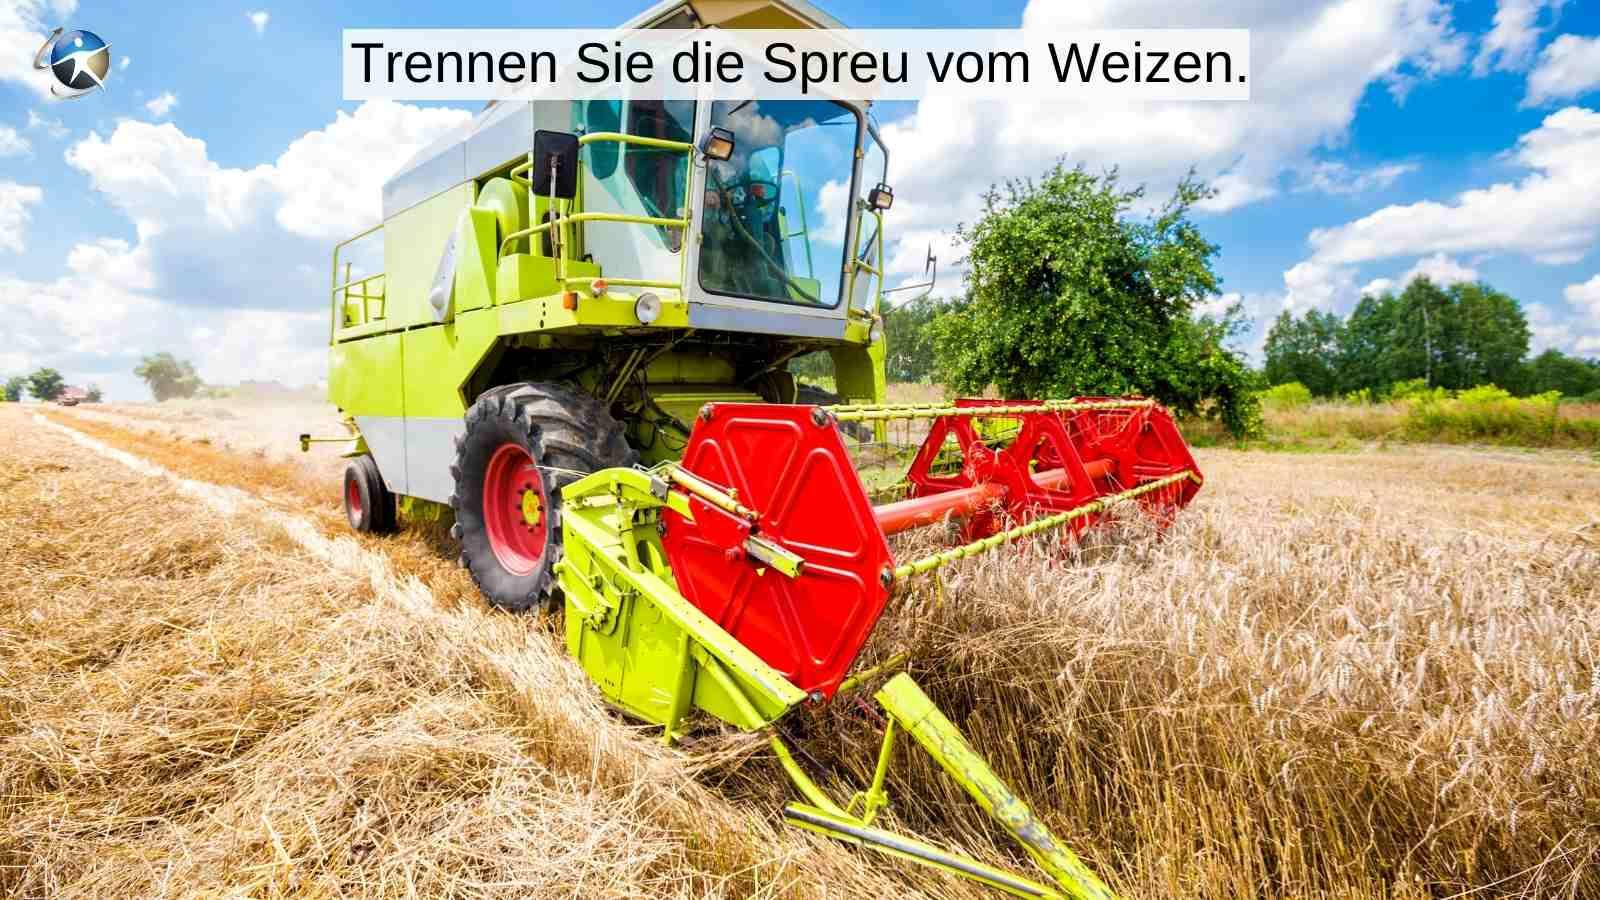 Trennen Sie mit Online-Beratung die Spreu vom Weizen